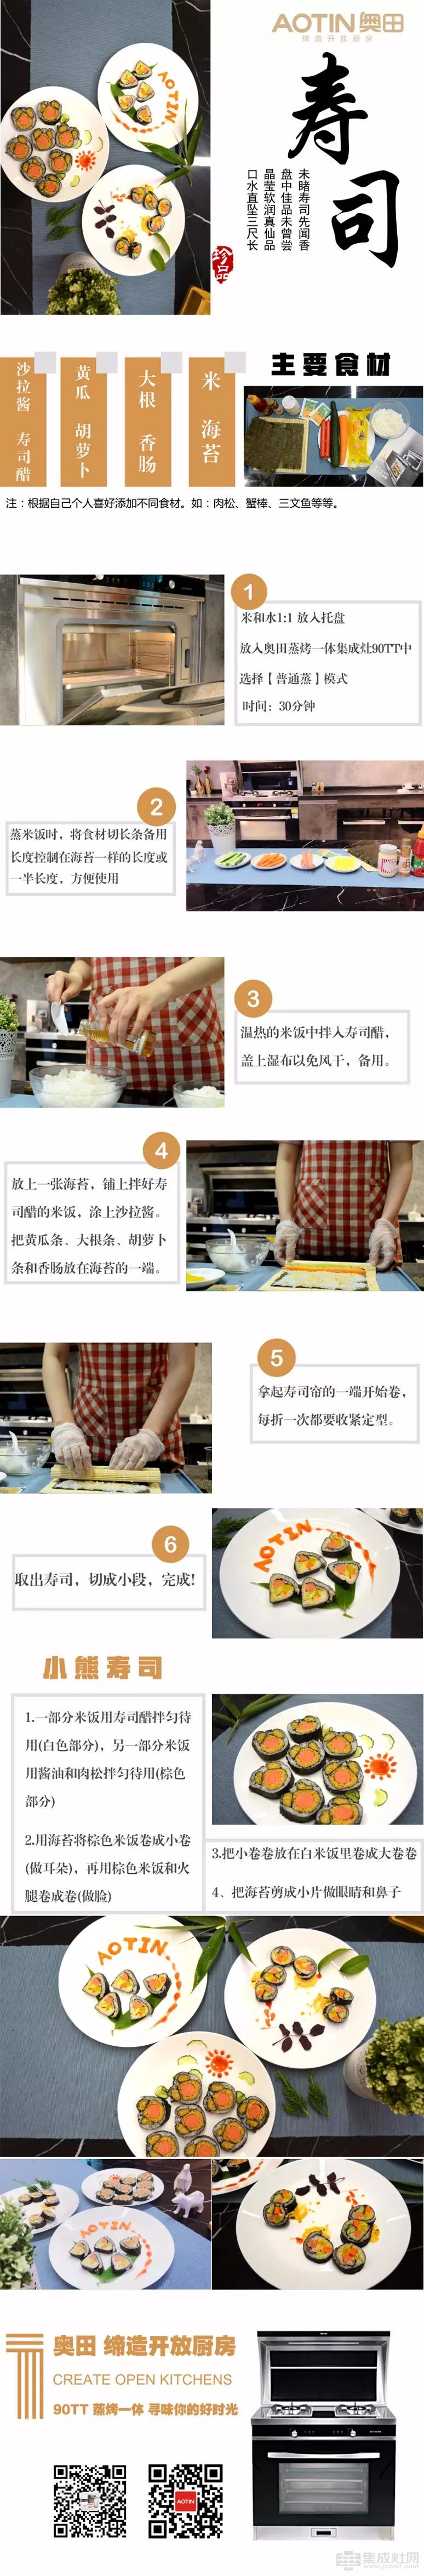 奥田集成灶:厨艺小白 也可以做出高颜值寿司